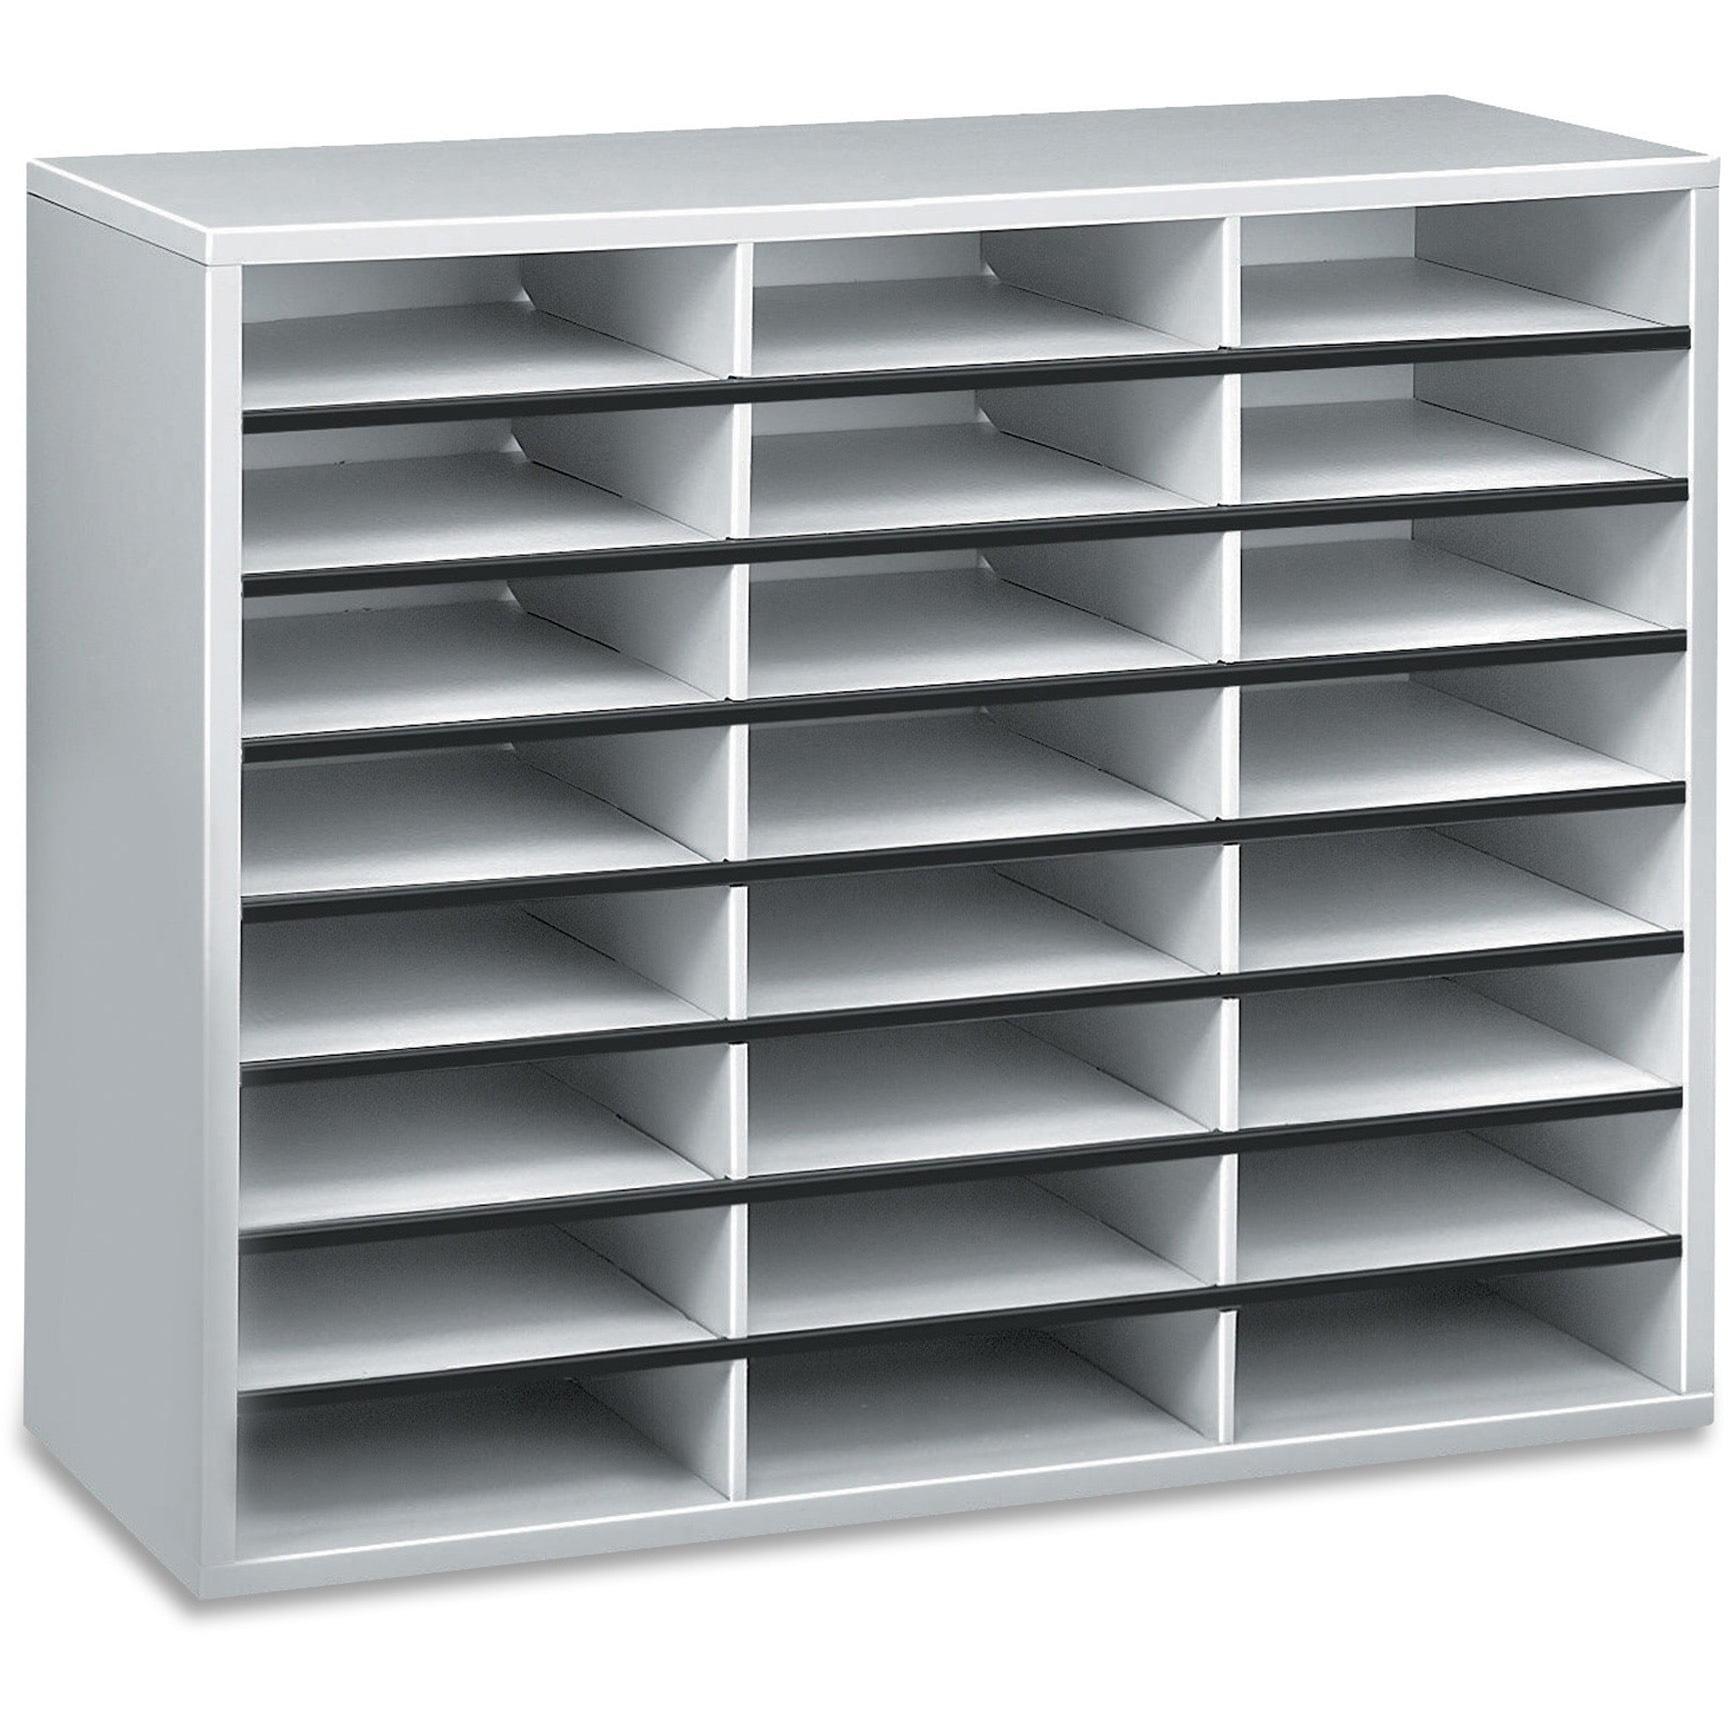 Fellowes, FEL25041, Literature Organizer - 24 Compartment Sorter, Dove Gray, 1 Each, Dove Gray